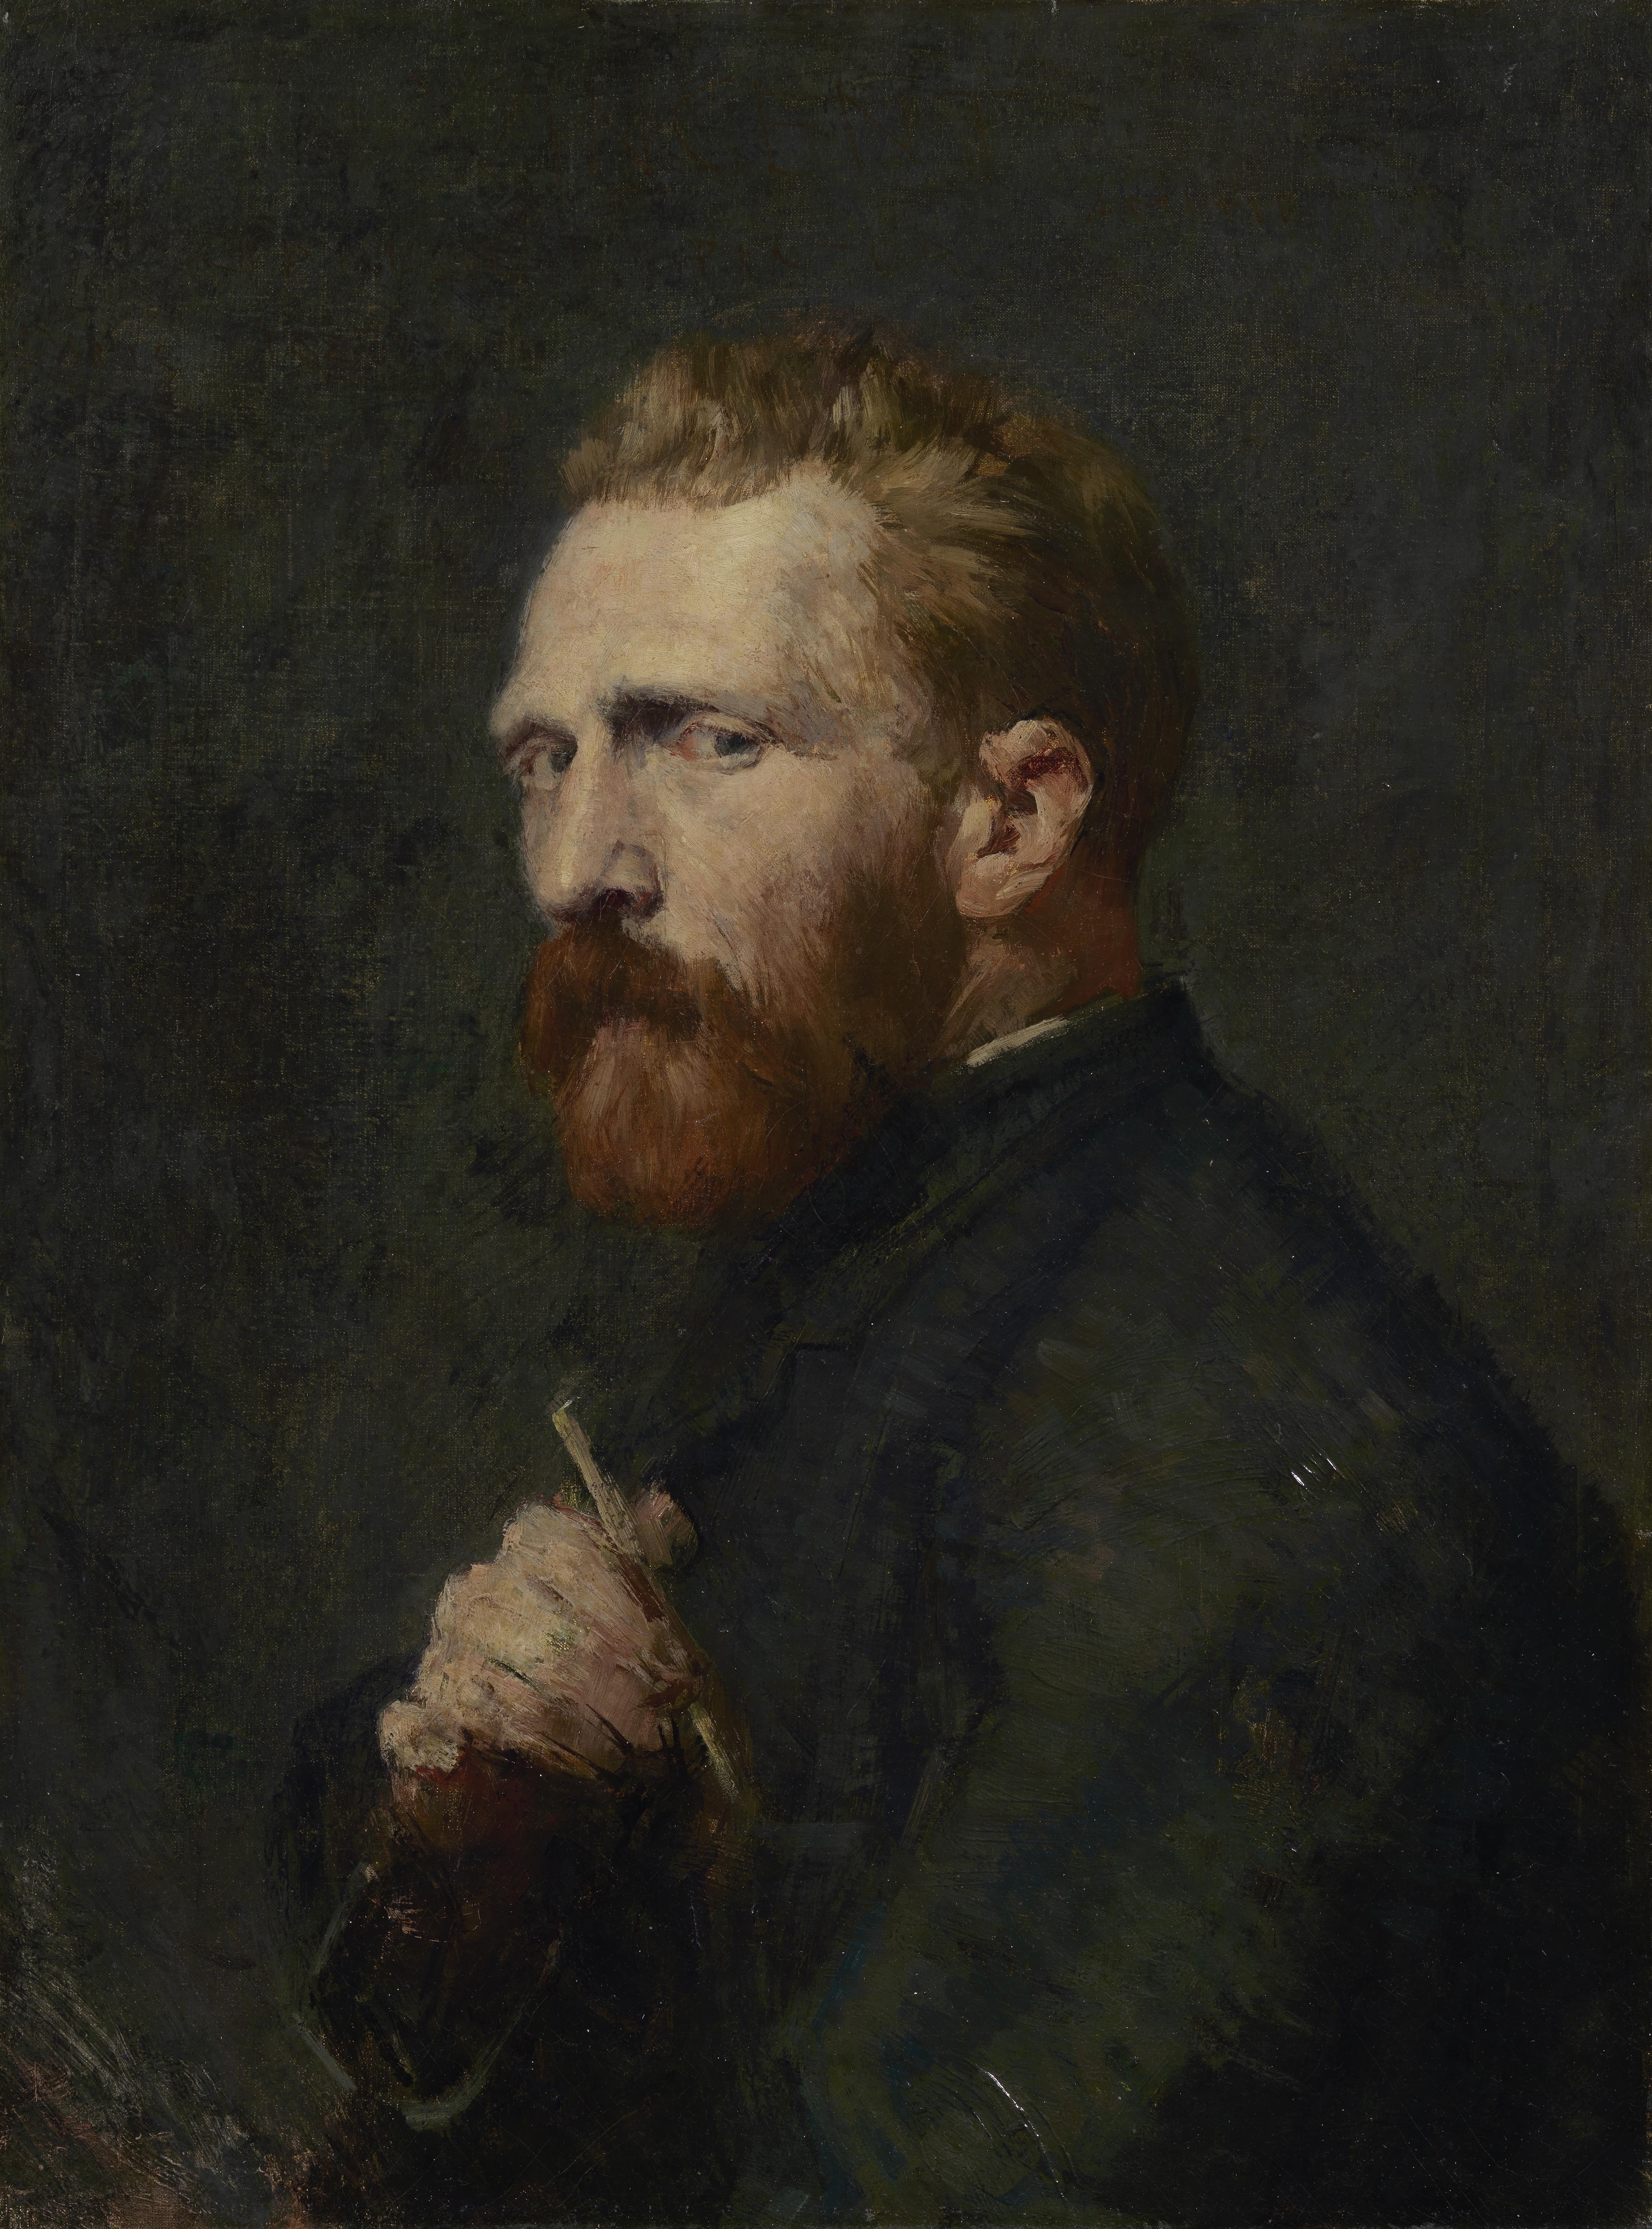 Vincent Van Gogh Backgrounds, Compatible - PC, Mobile, Gadgets| 5194x7007 px